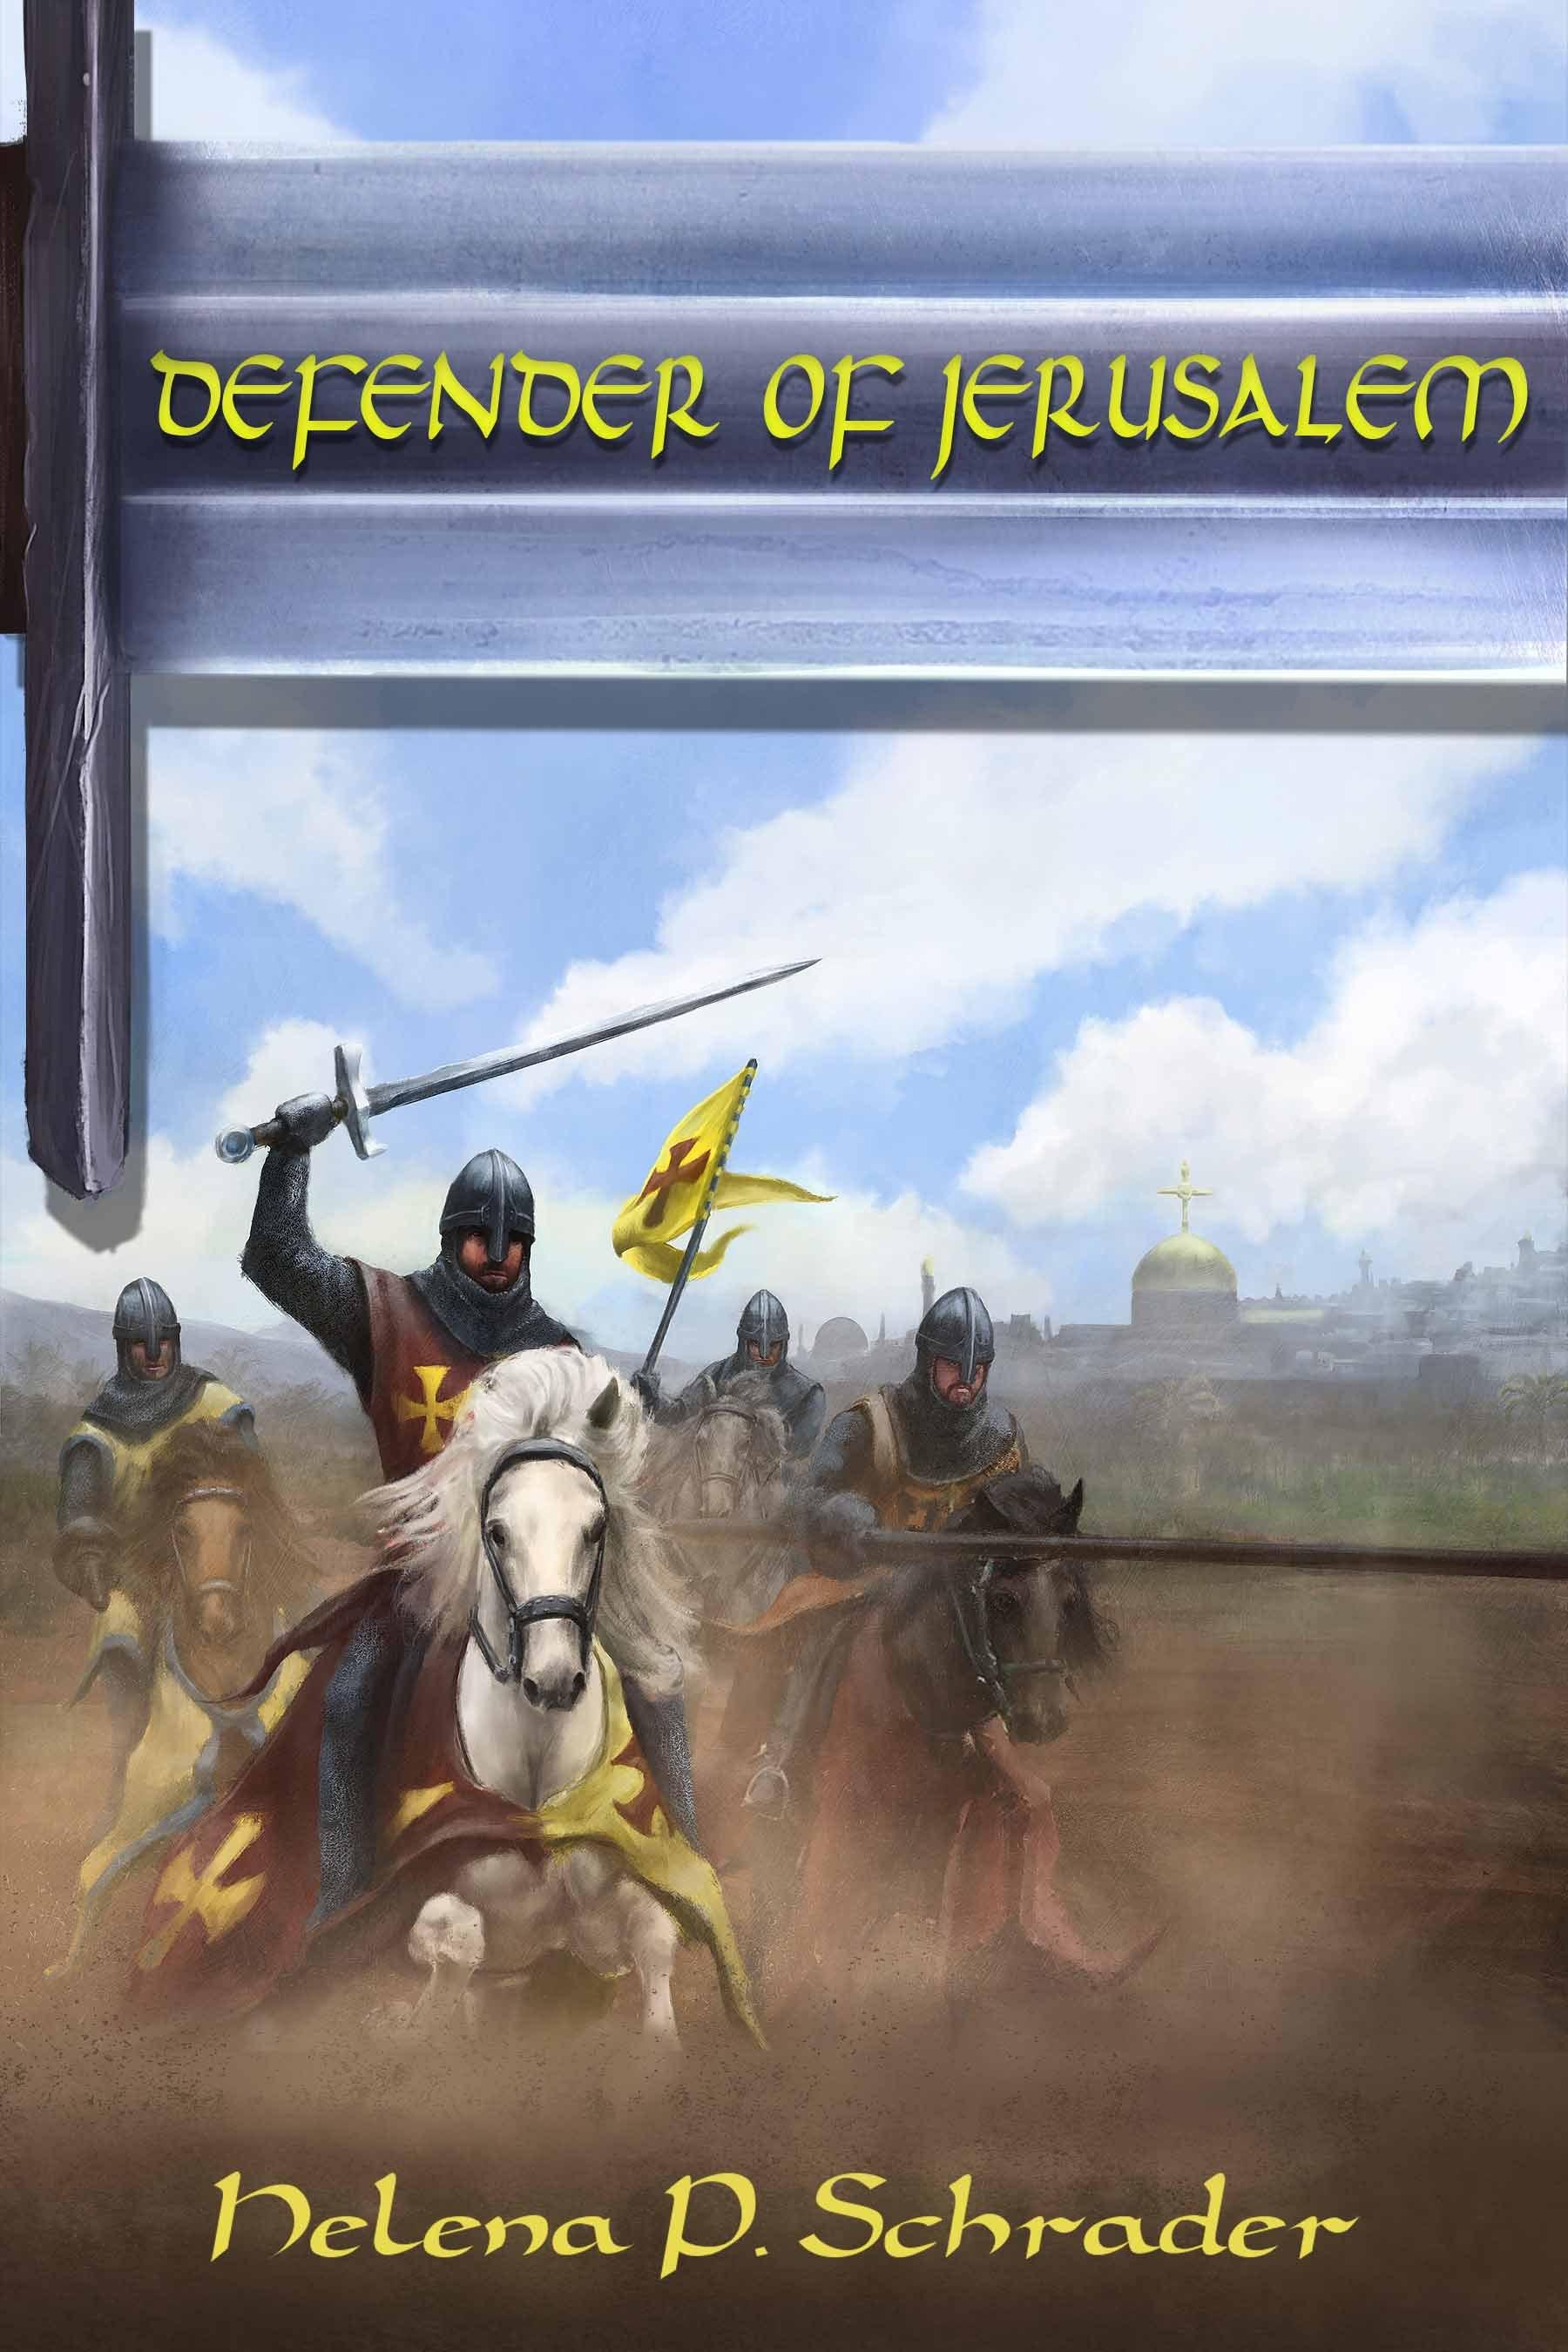 Defender of Jerusalem Helena P. Schrader